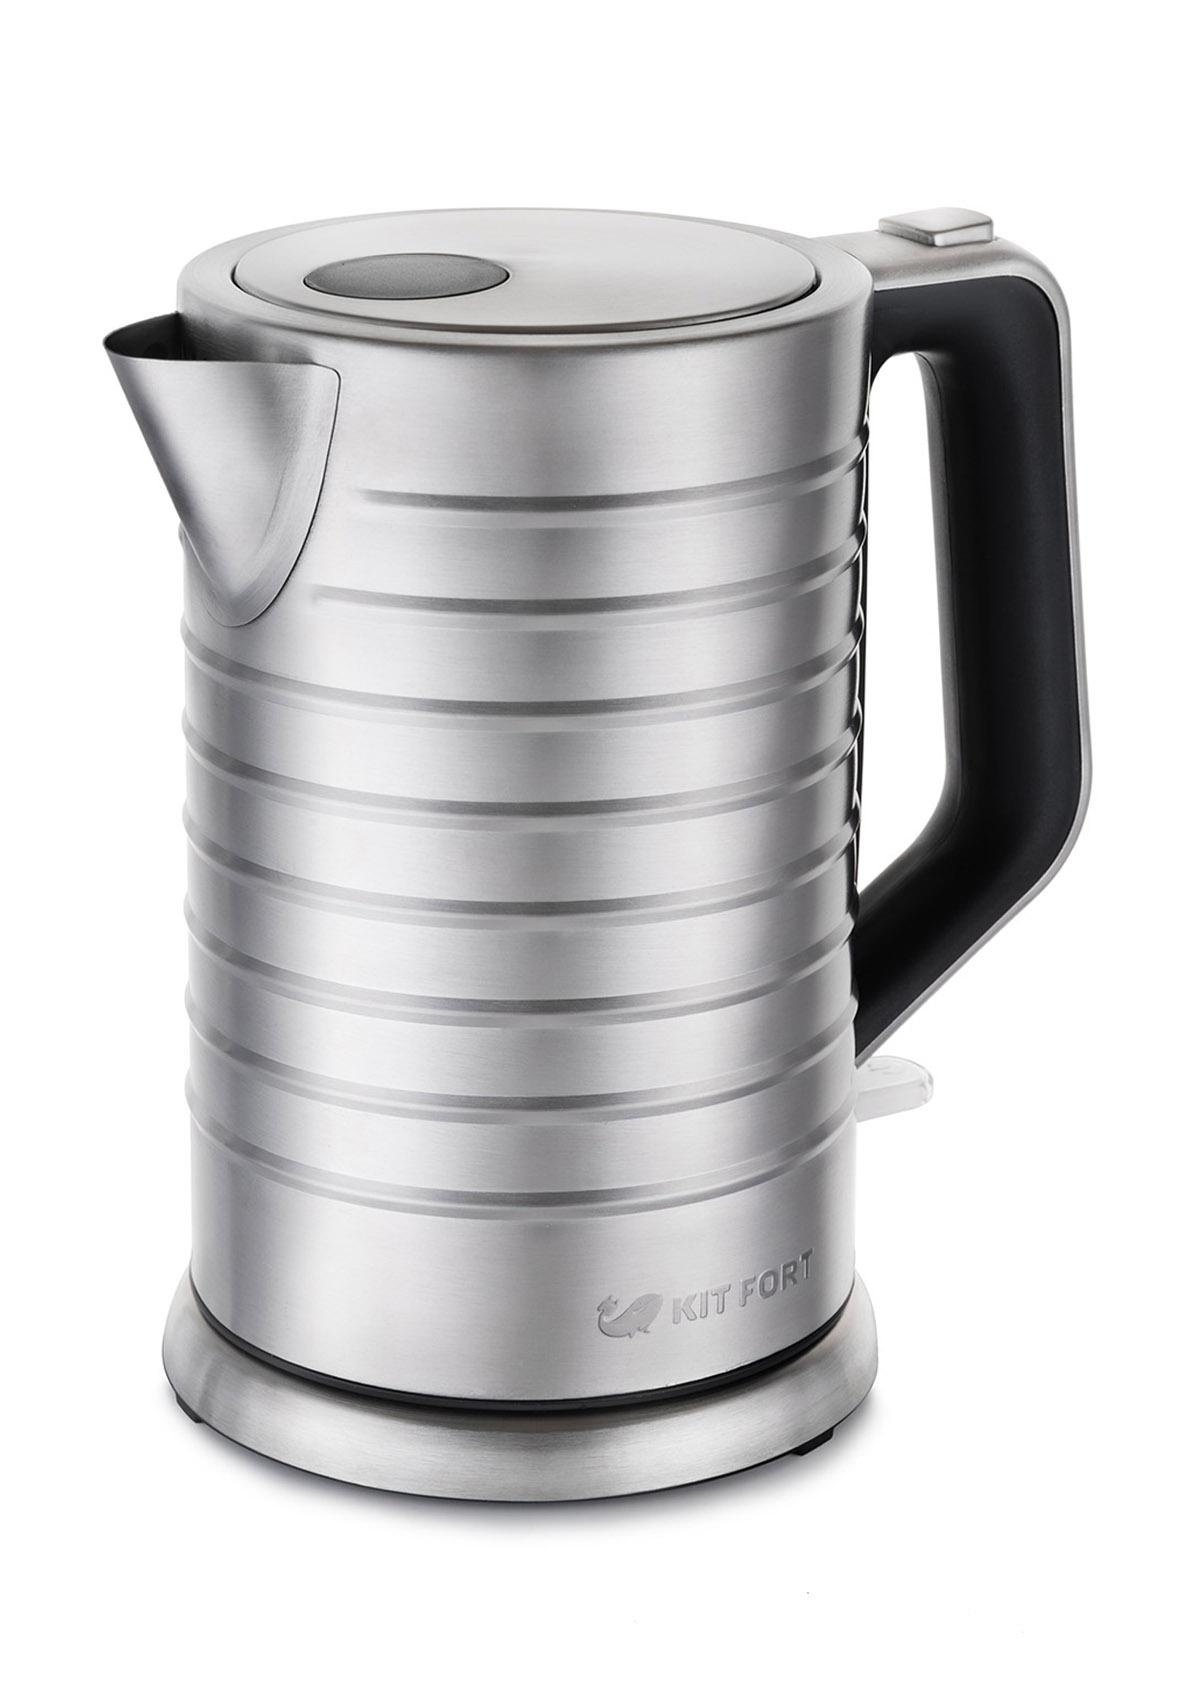 Чайник электрический Kitfort КТ-627 1.7л. 2200Вт серебристый (корпус: металл/пластик)